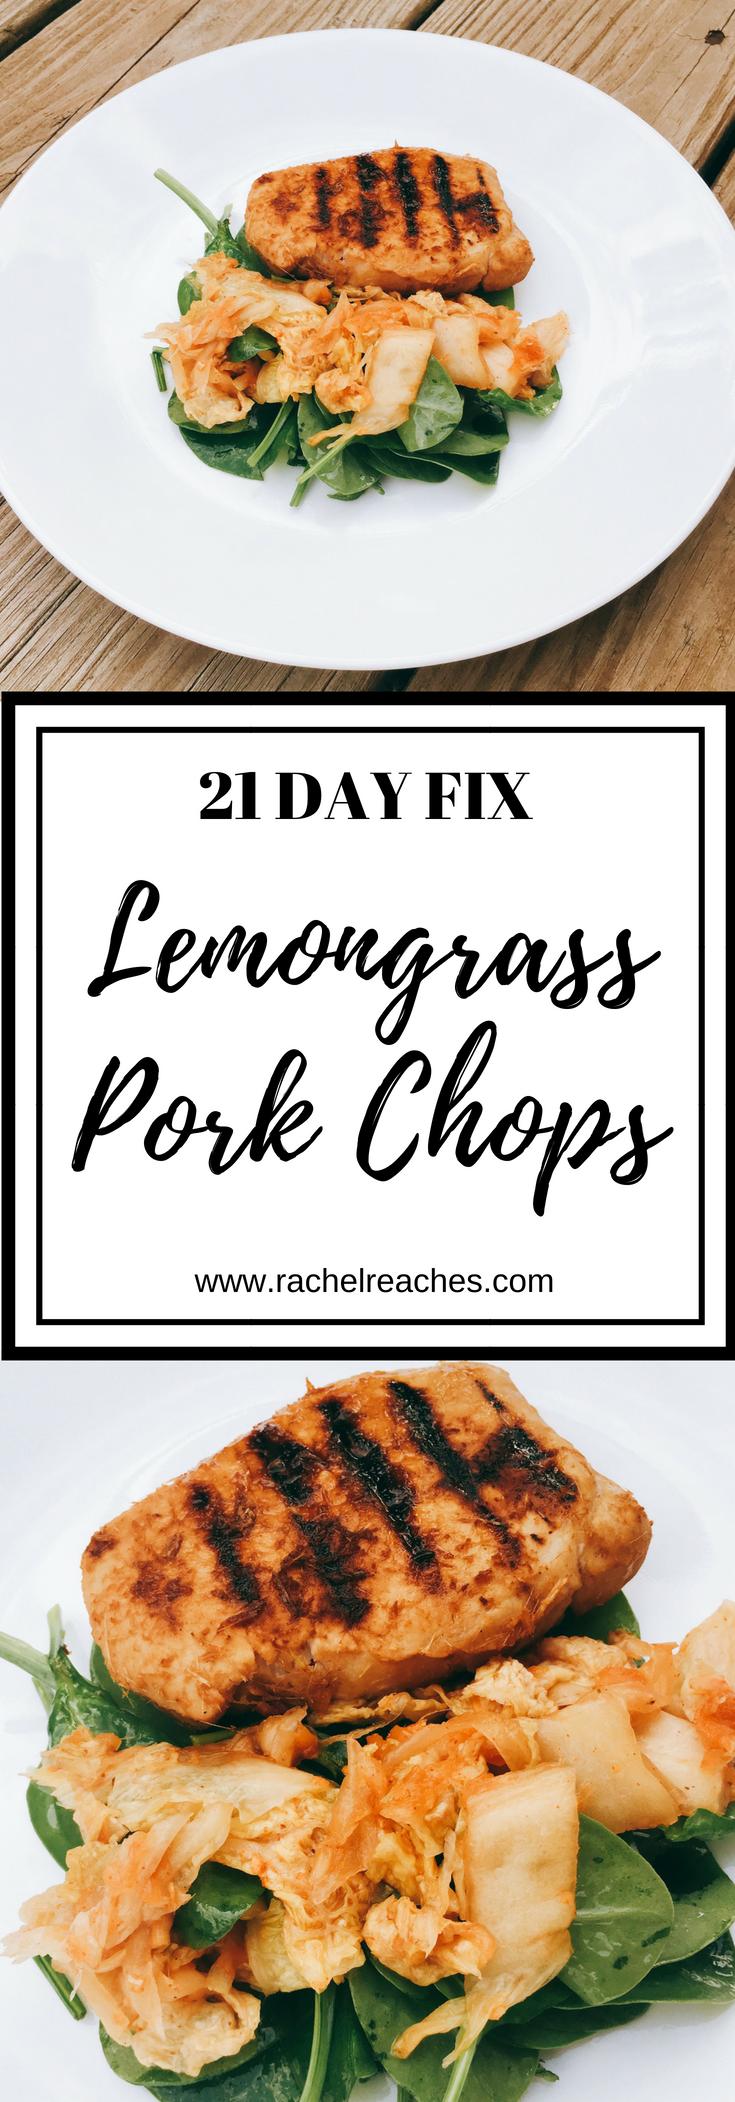 Lemongrass Pork Chops - 21 Day Fix.png